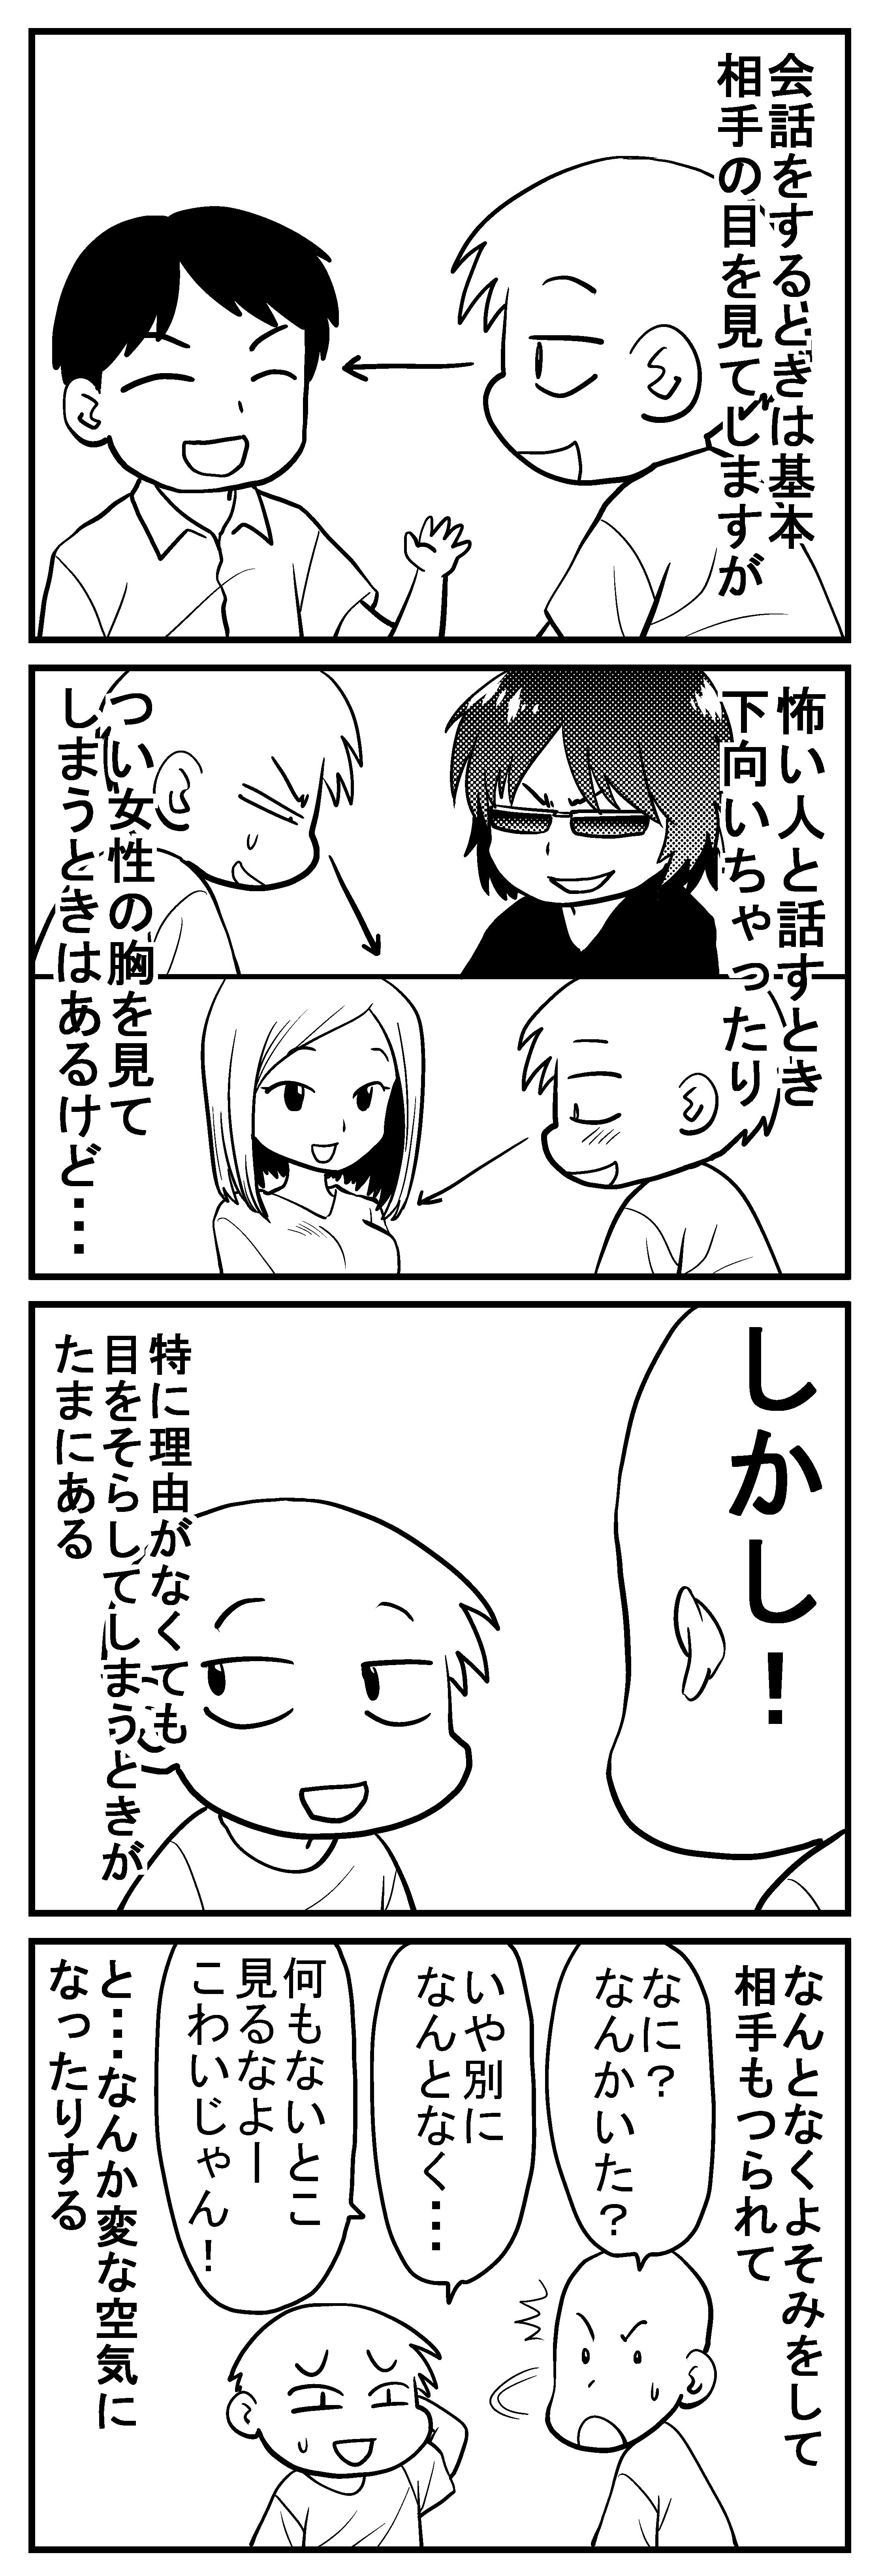 深読みくん18-1